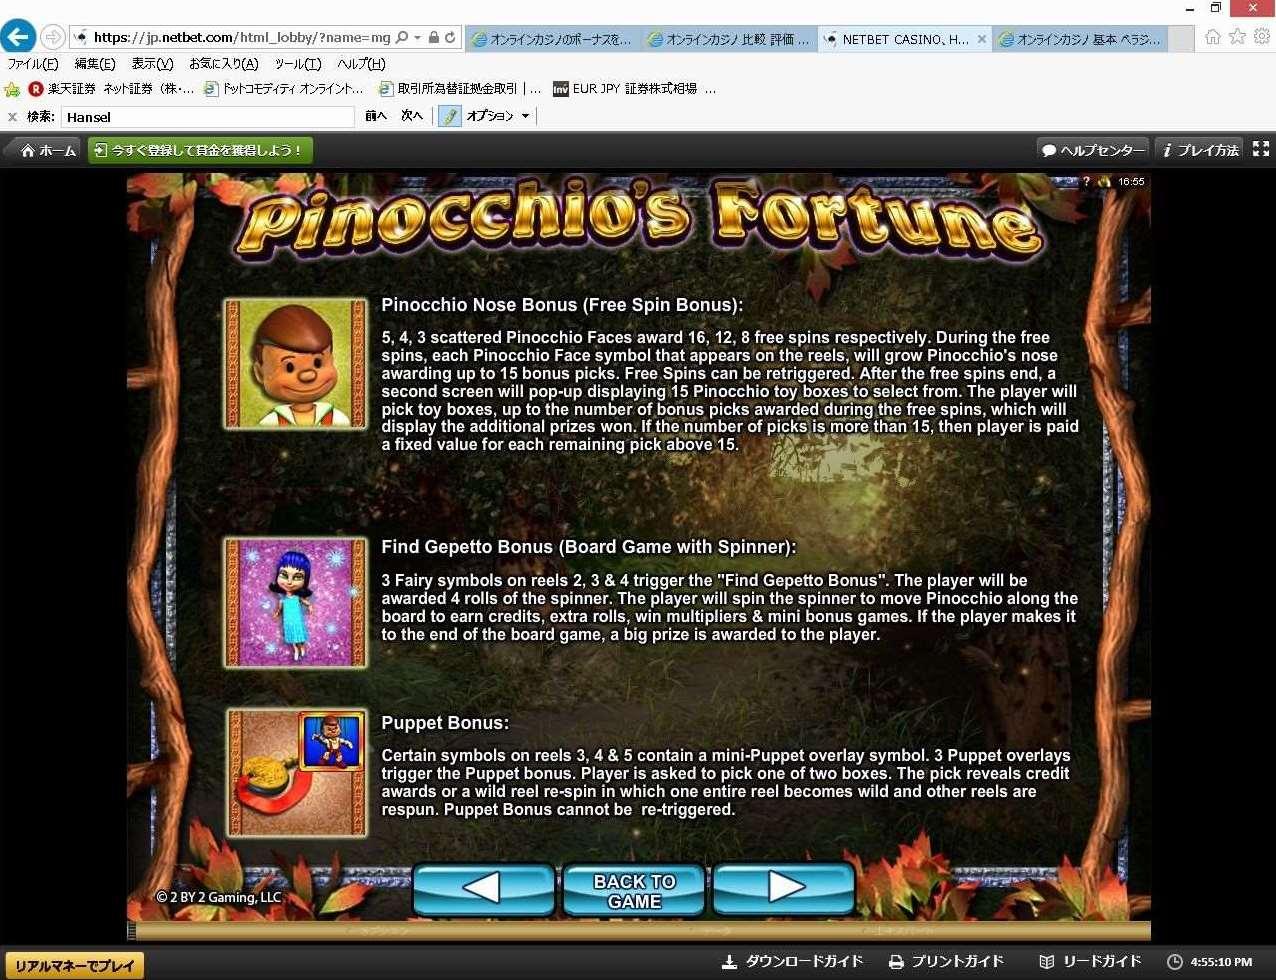 Pinocchio Nose Bonus